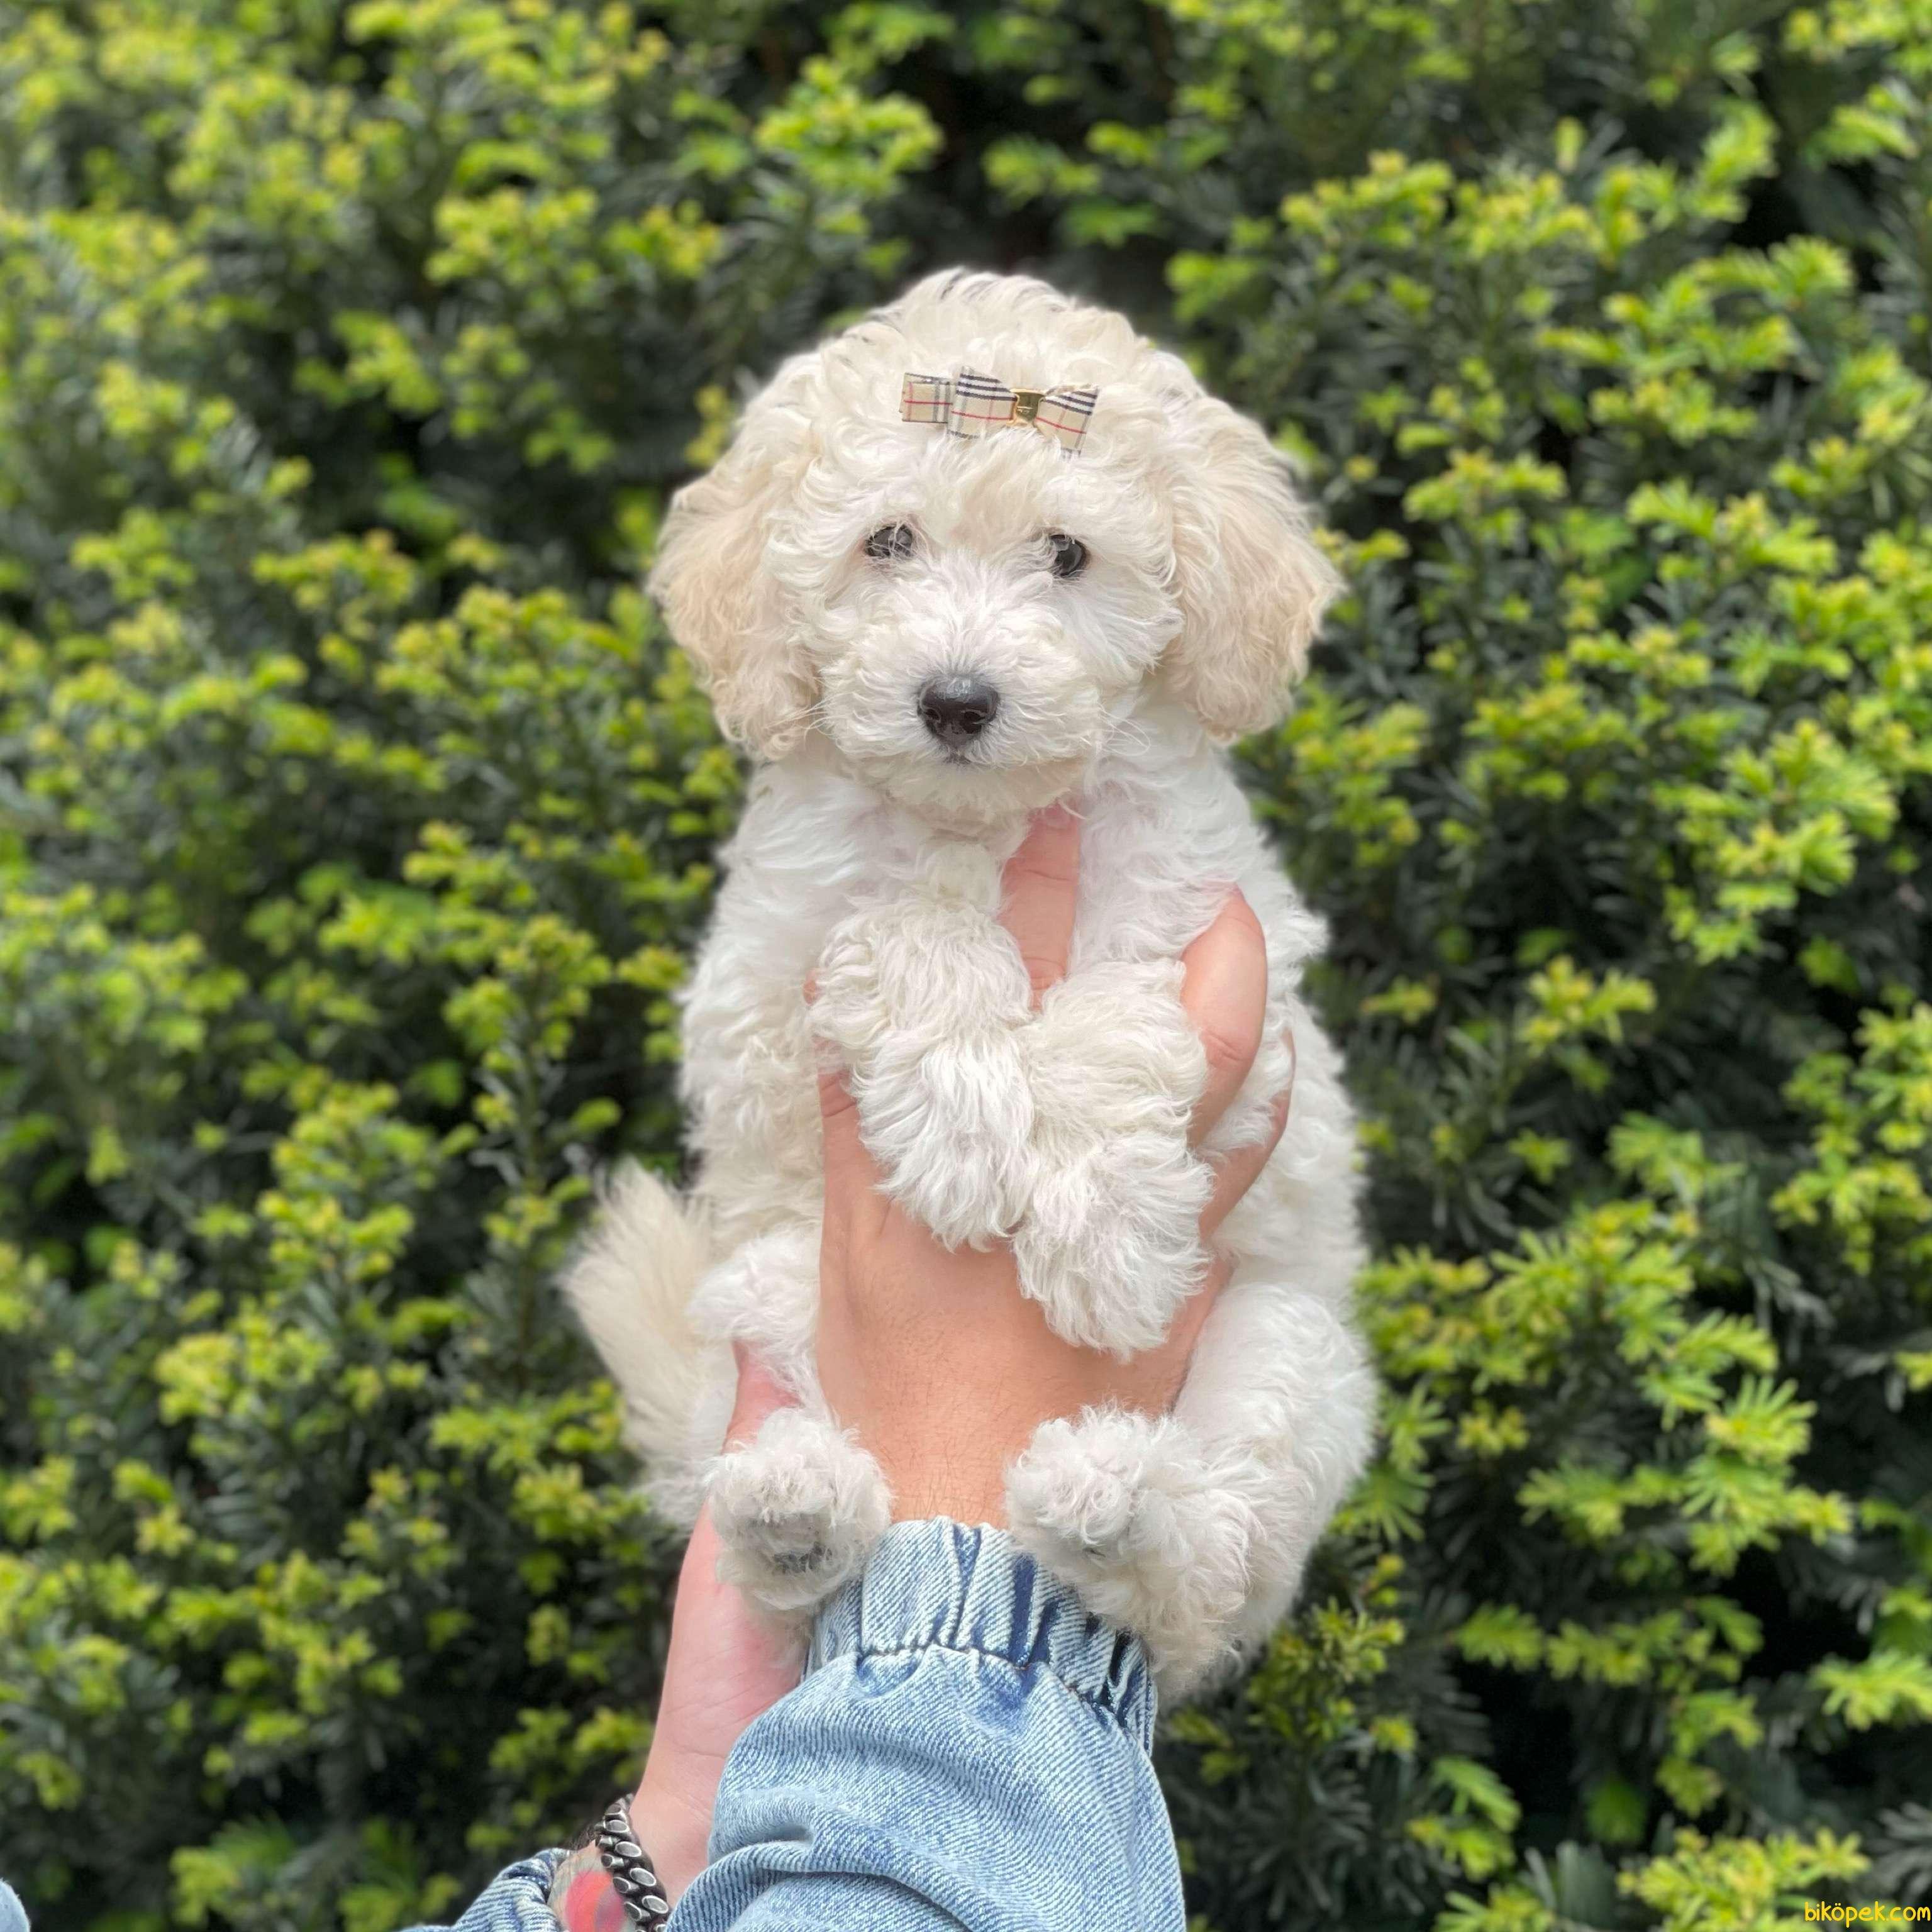 Irk Ve Sağlık Garantili Toy Poodle Yavrular 3